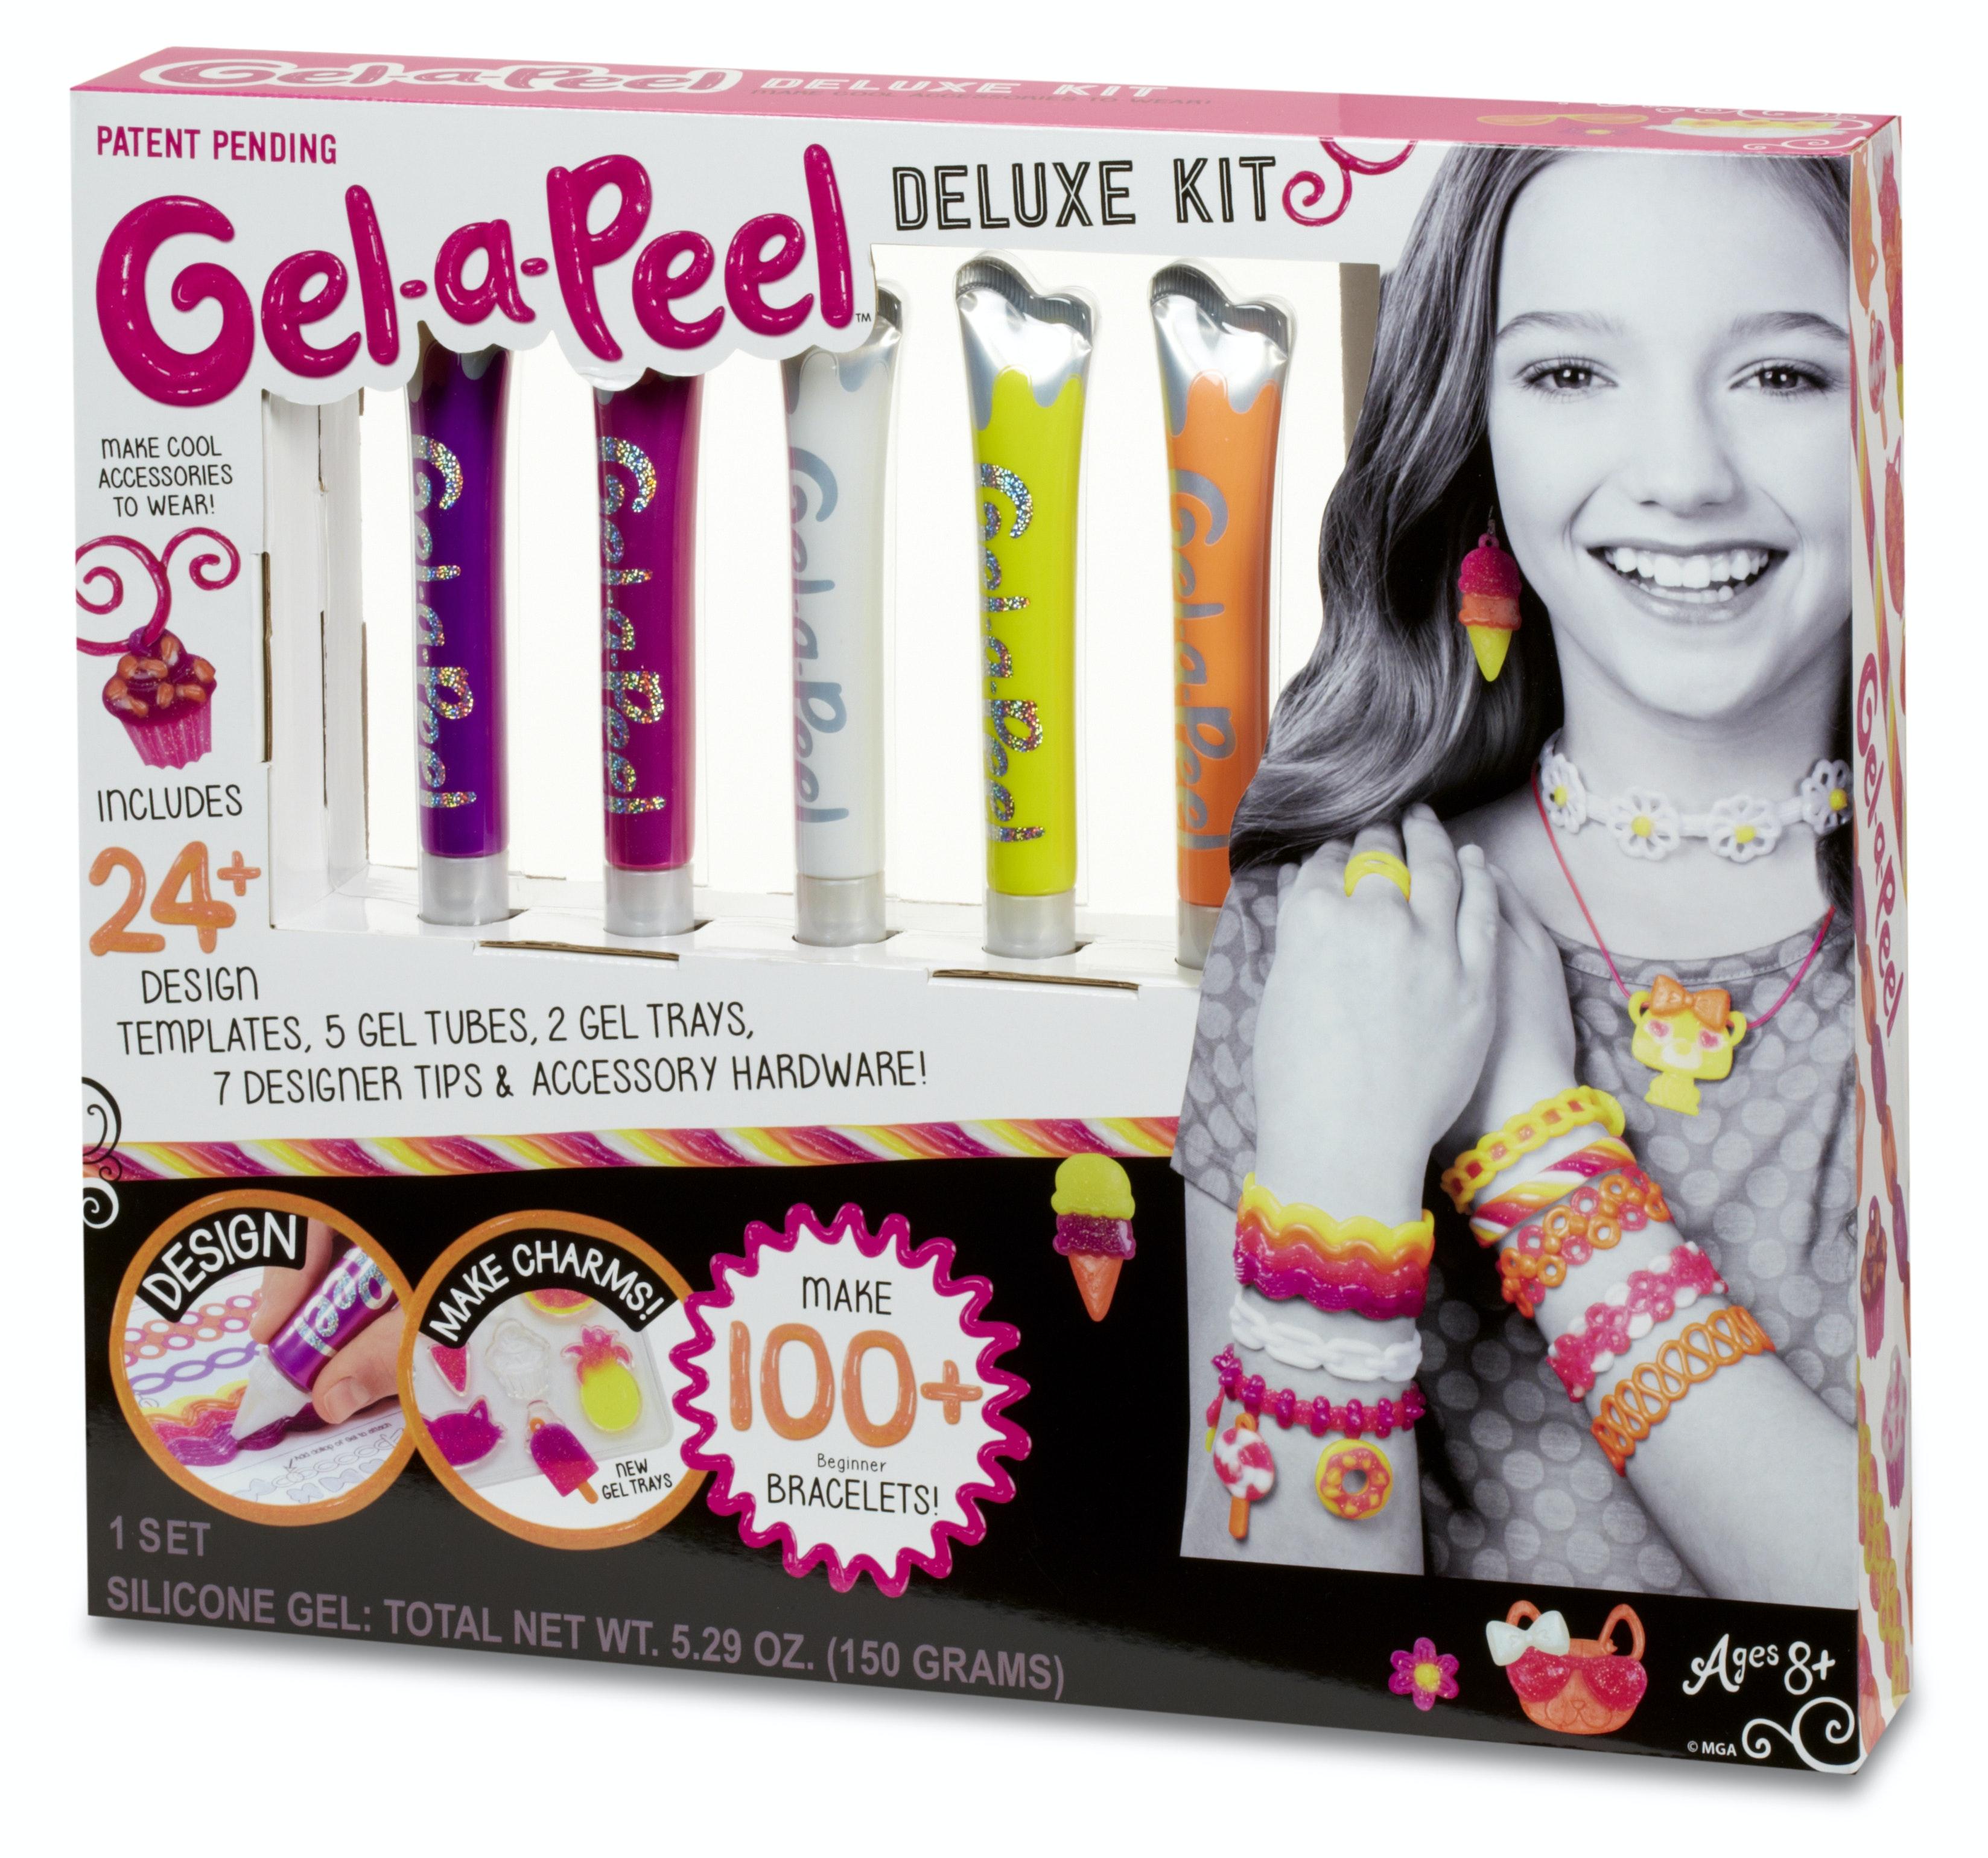 1 x Gel-a-Peel Deluxe Kit 1 x Gel-a-Peel Accessory Kit 1 x Nail-a-Peel Deluxe Kit 1 x Nail-a-Peel Theme Kit sweepstakes